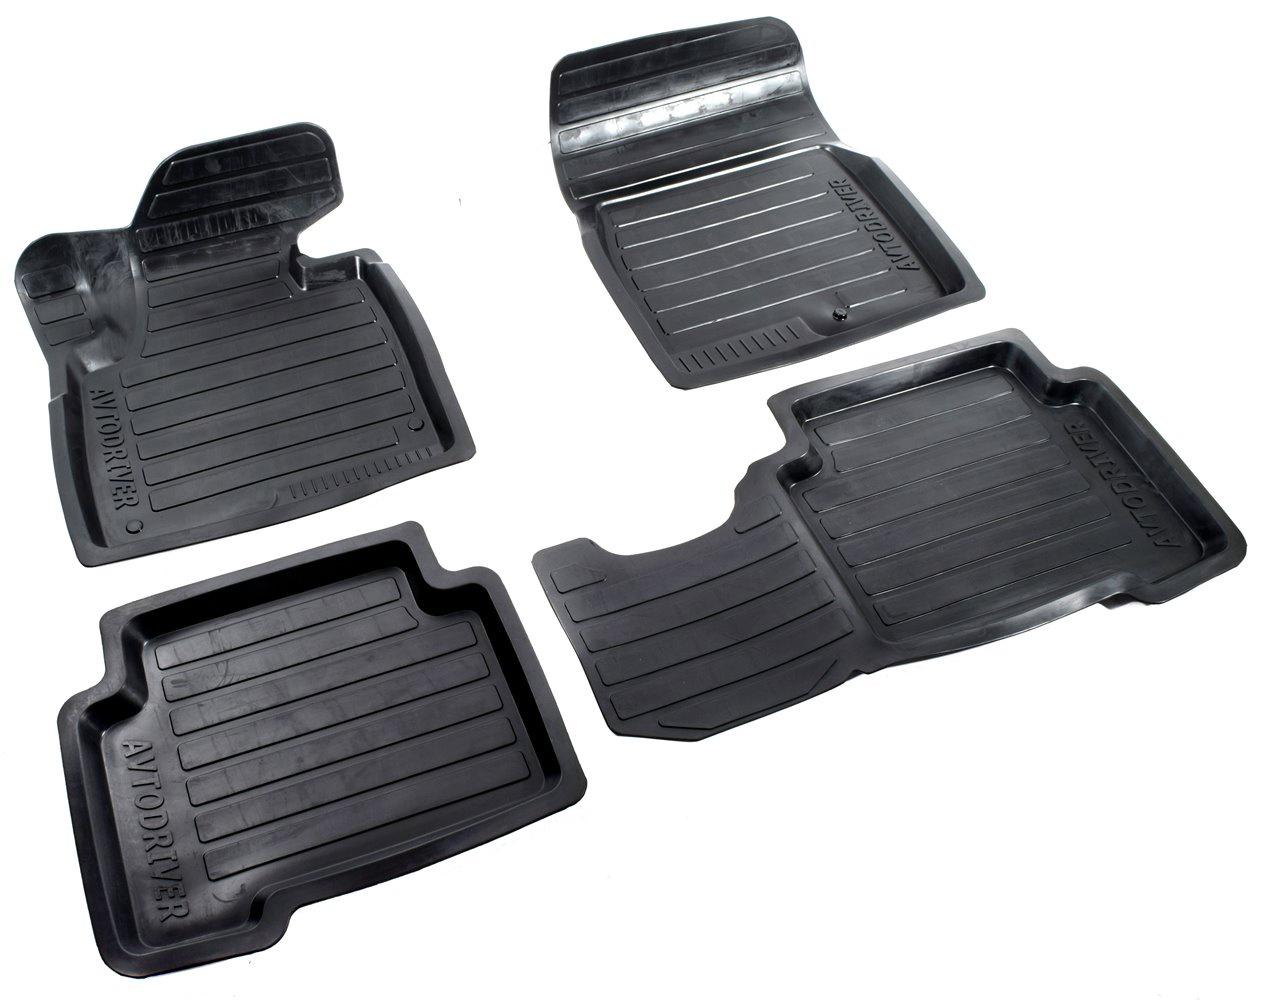 Коврики в салон автомобиля Avtodriver, для Hyundai Santa Fe, 2008-2013, ADRAVG149, резиновые, с бортиком, черный цены онлайн